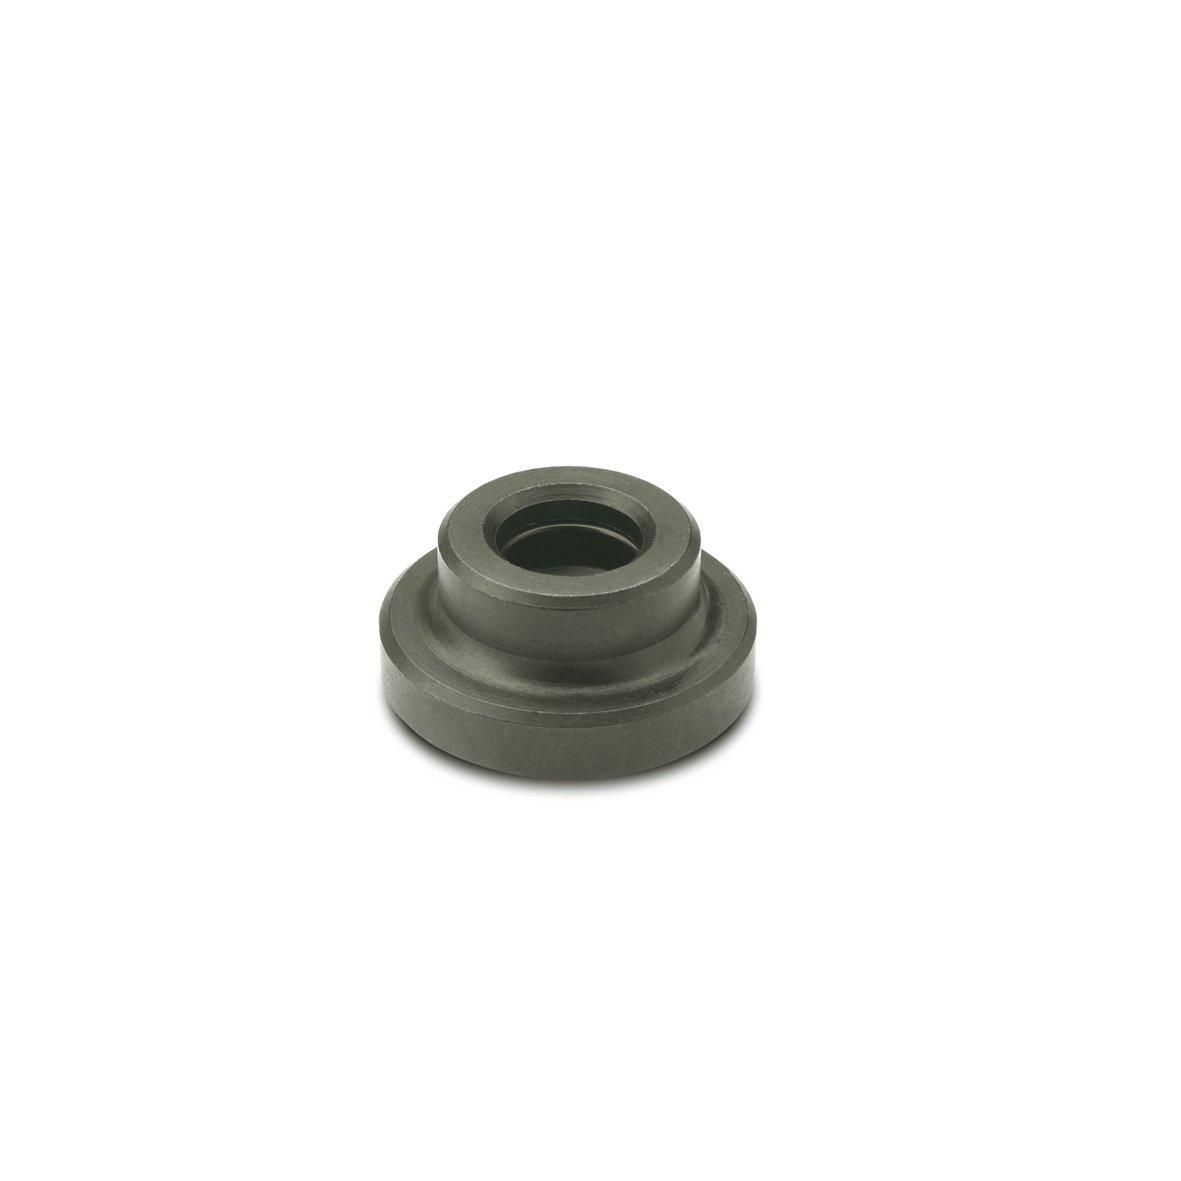 J.W. Winco 12WG30 DIN6311 Thrust Pad, 12 mm Diameter, Steel